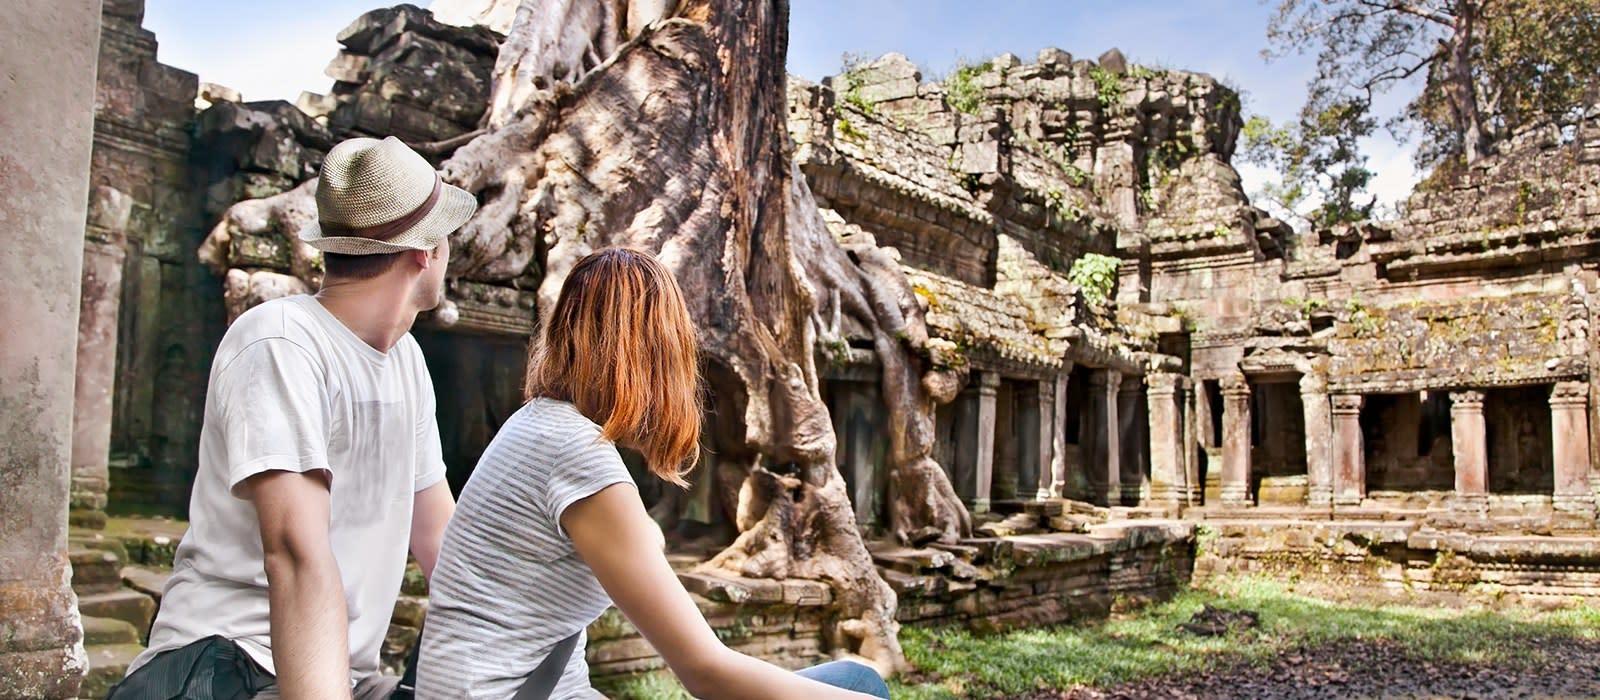 Reiseziel Kampong Thom Kambodscha